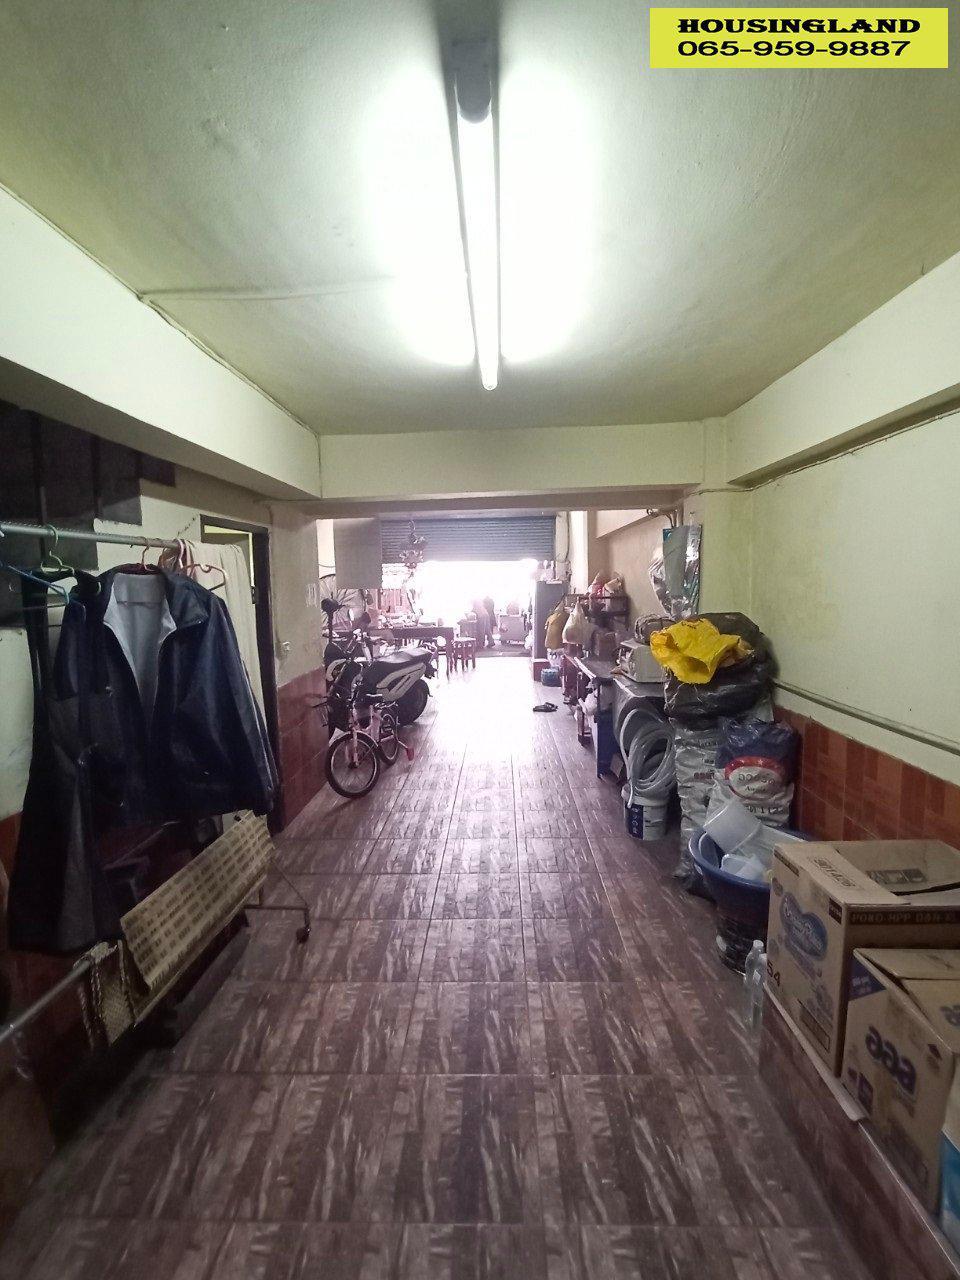 ขายตึกแถว 4 ชั้น 2 คูหา ติดถนนลำลูกกา คลอง2 ตรงข้ามร้านสุกี้ตี๋น้อย  รูปที่ 1